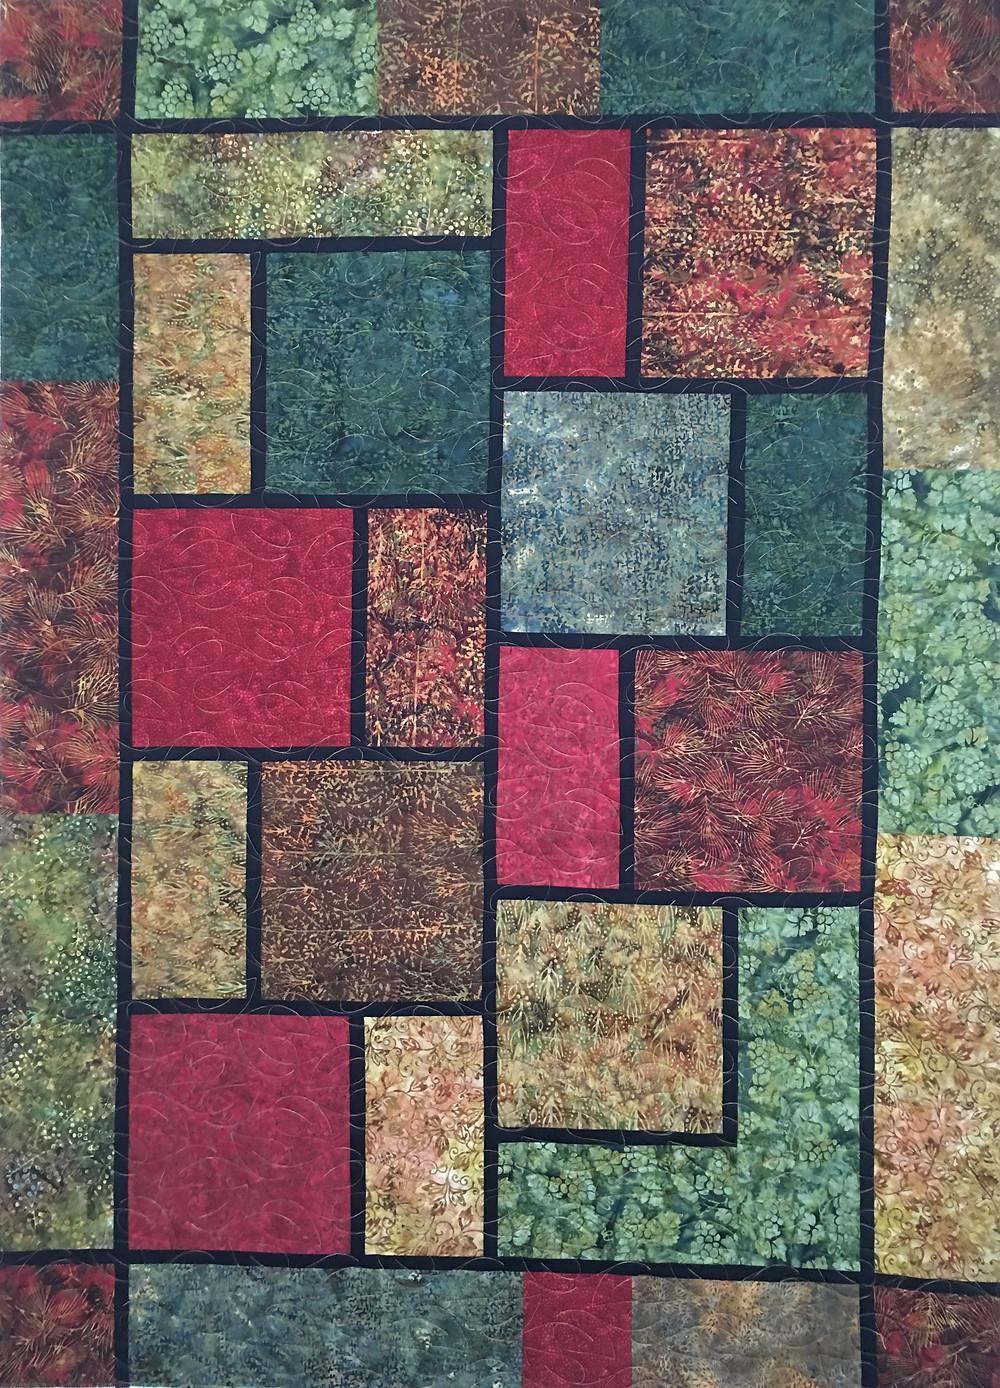 Laura Random Square Quilt